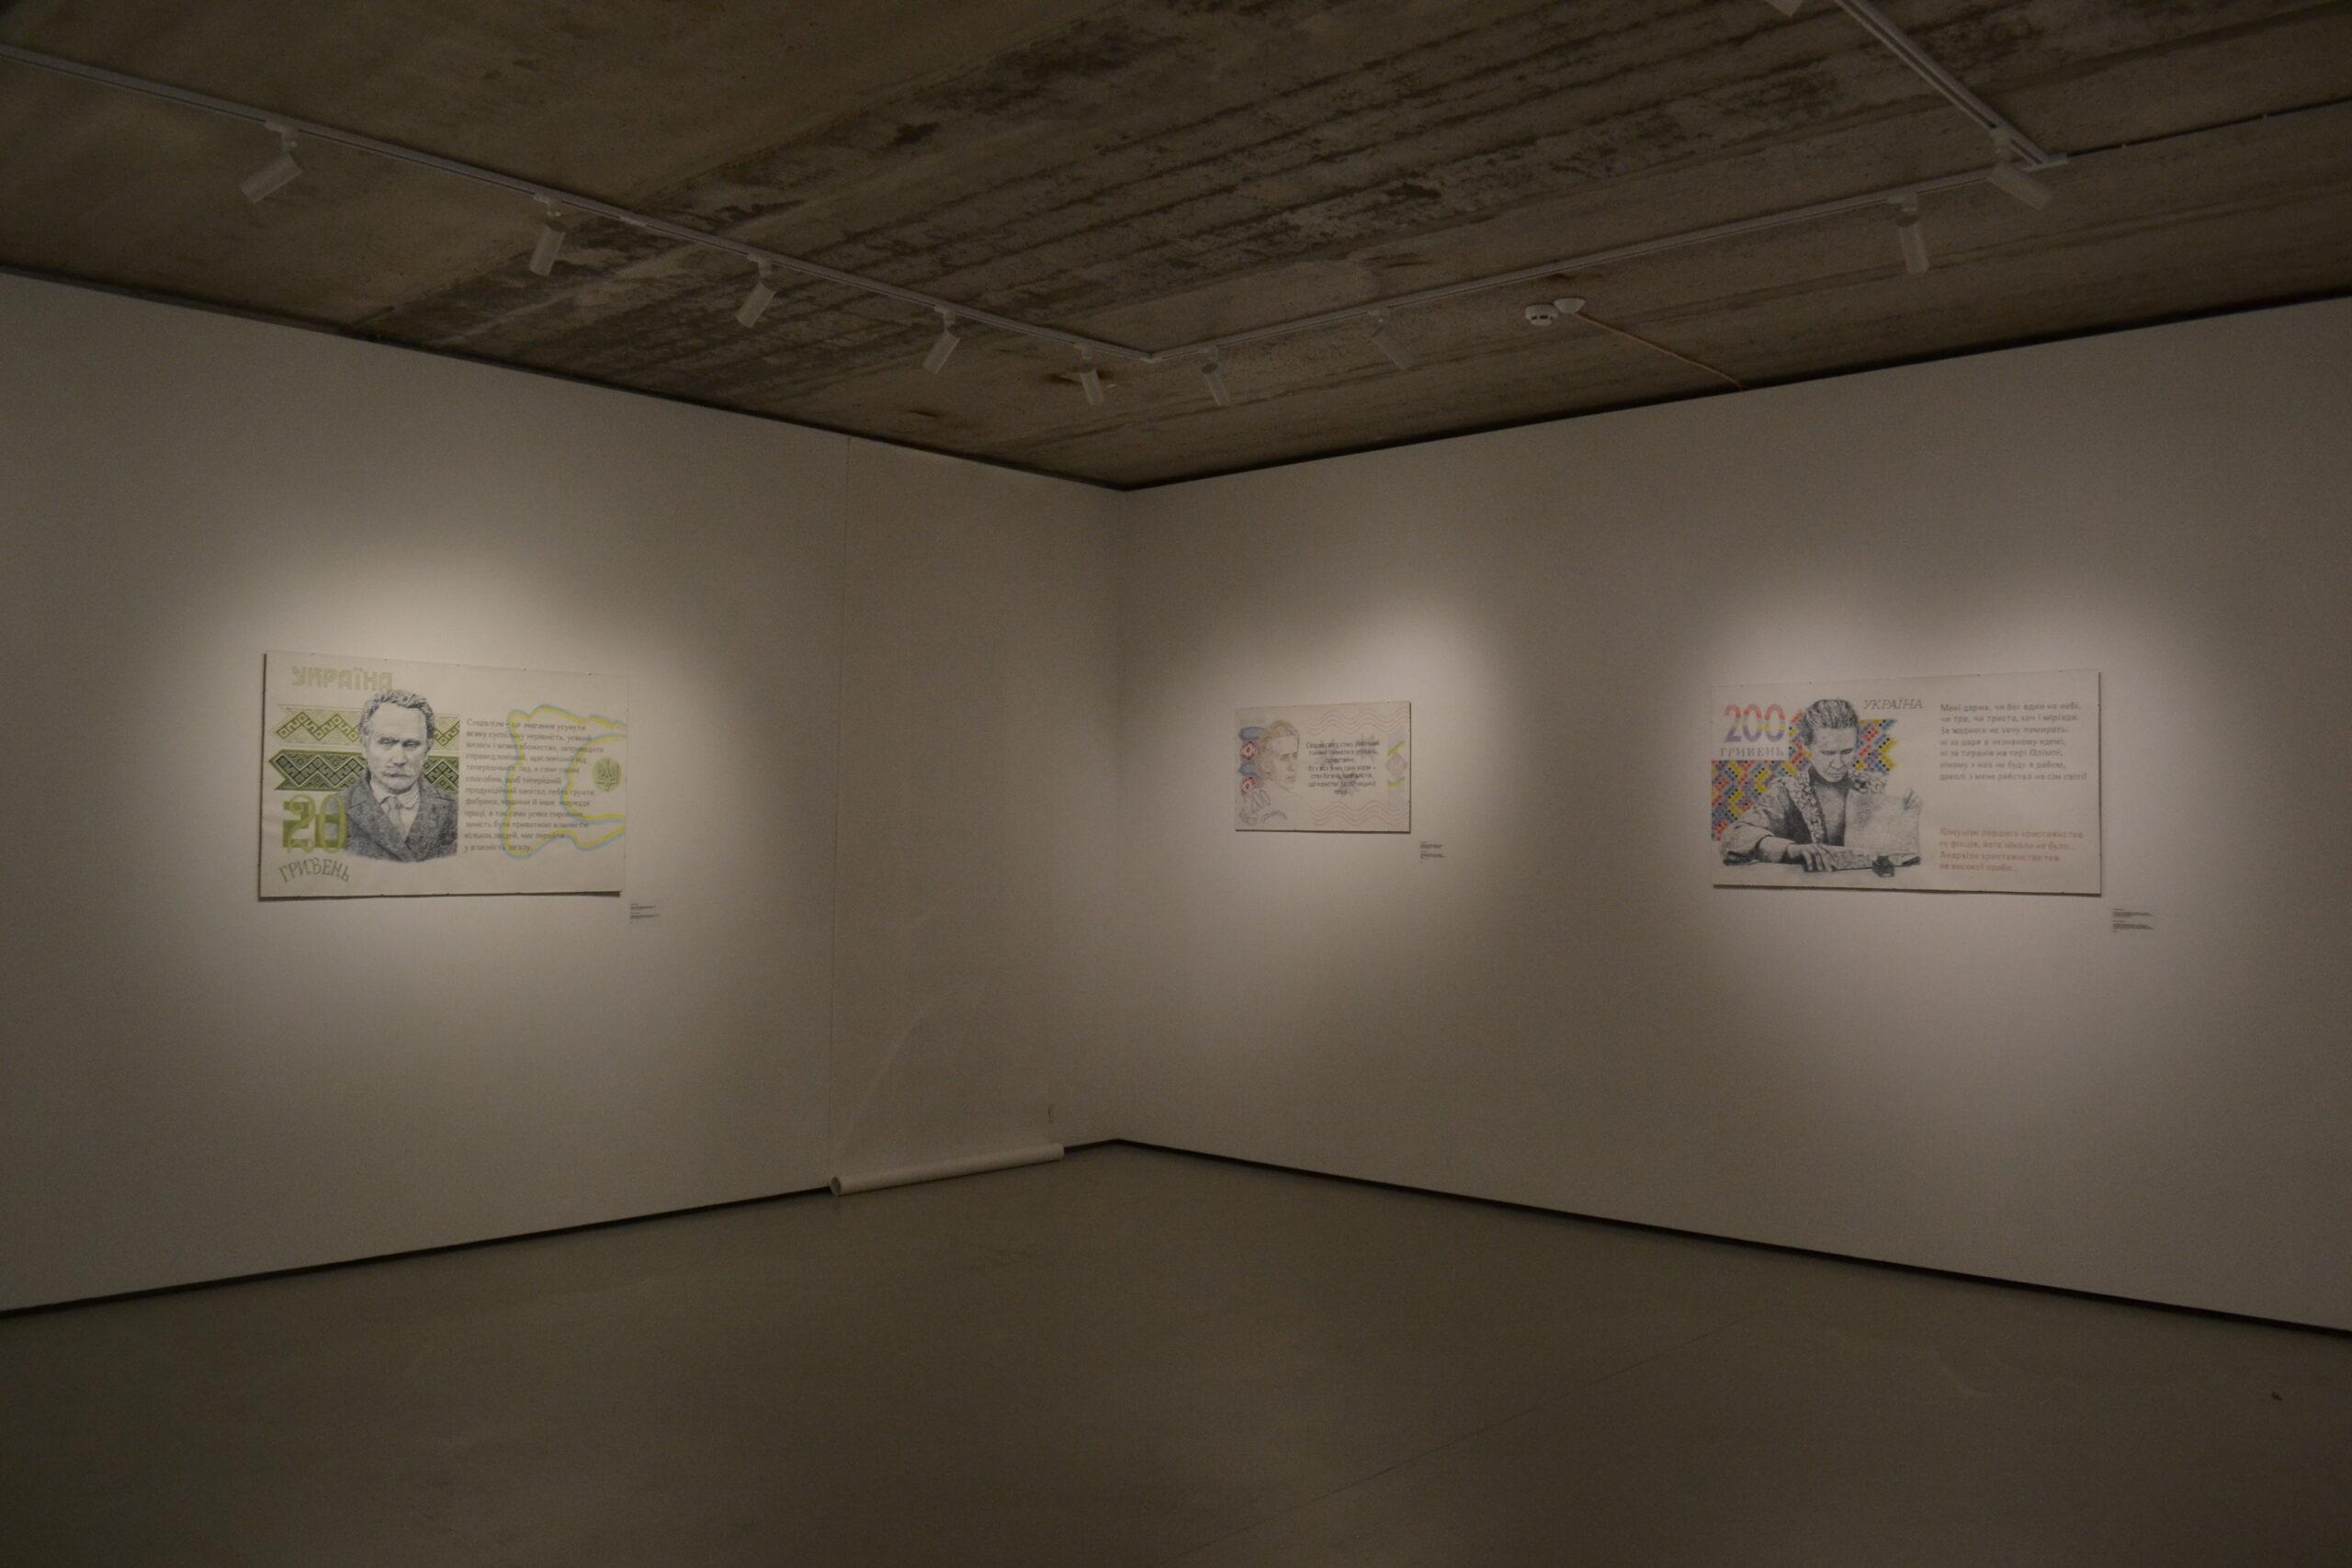 Виставка Давида Чичкана «Портрети, які говорять» в Фундації Березницьких, 2020